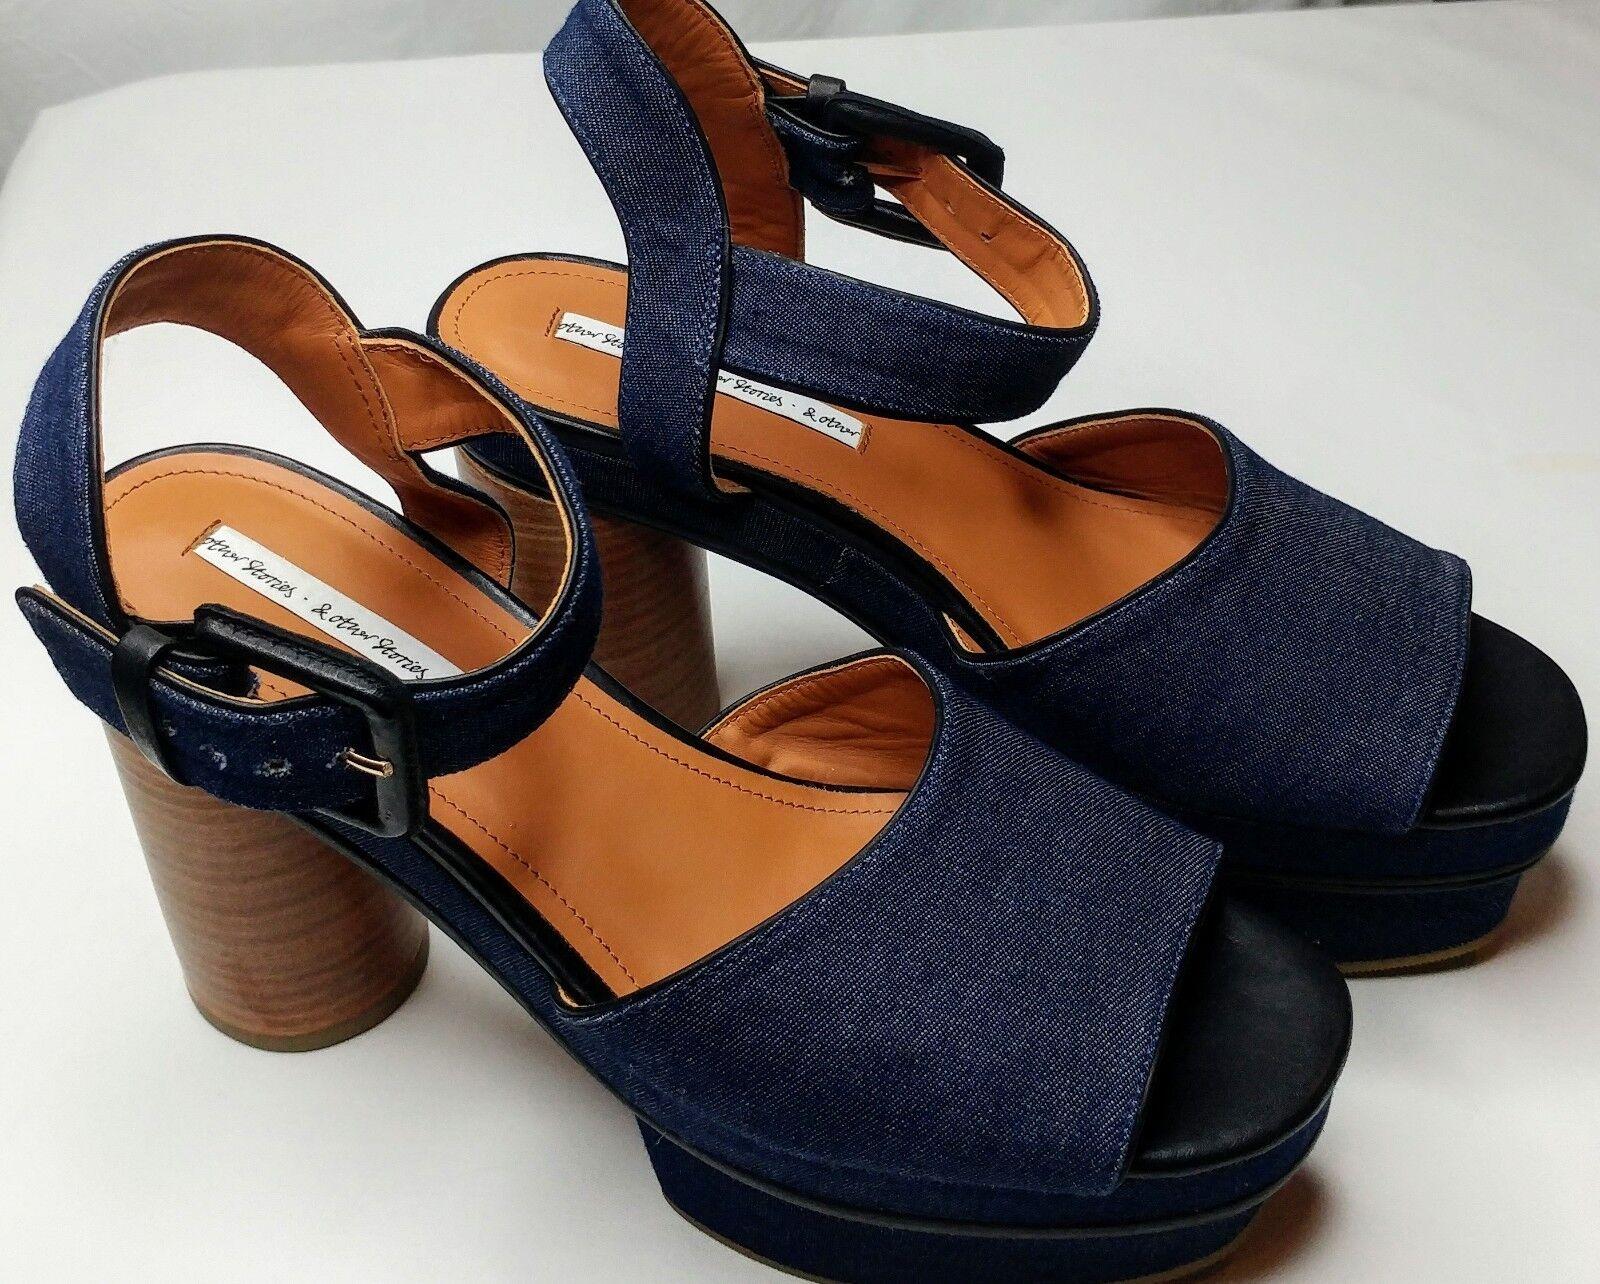 EUC & Other Stories Women's Platform Leather & Denim shoes Size 8 (Size 41)